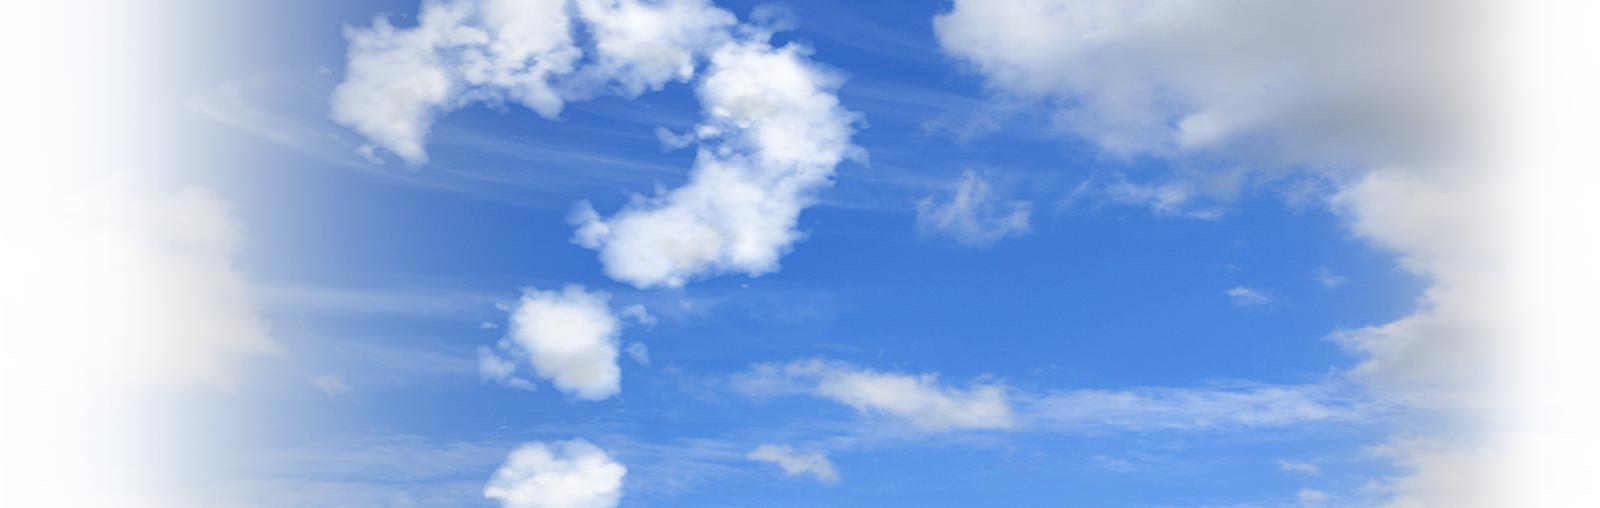 clouds 1600x508